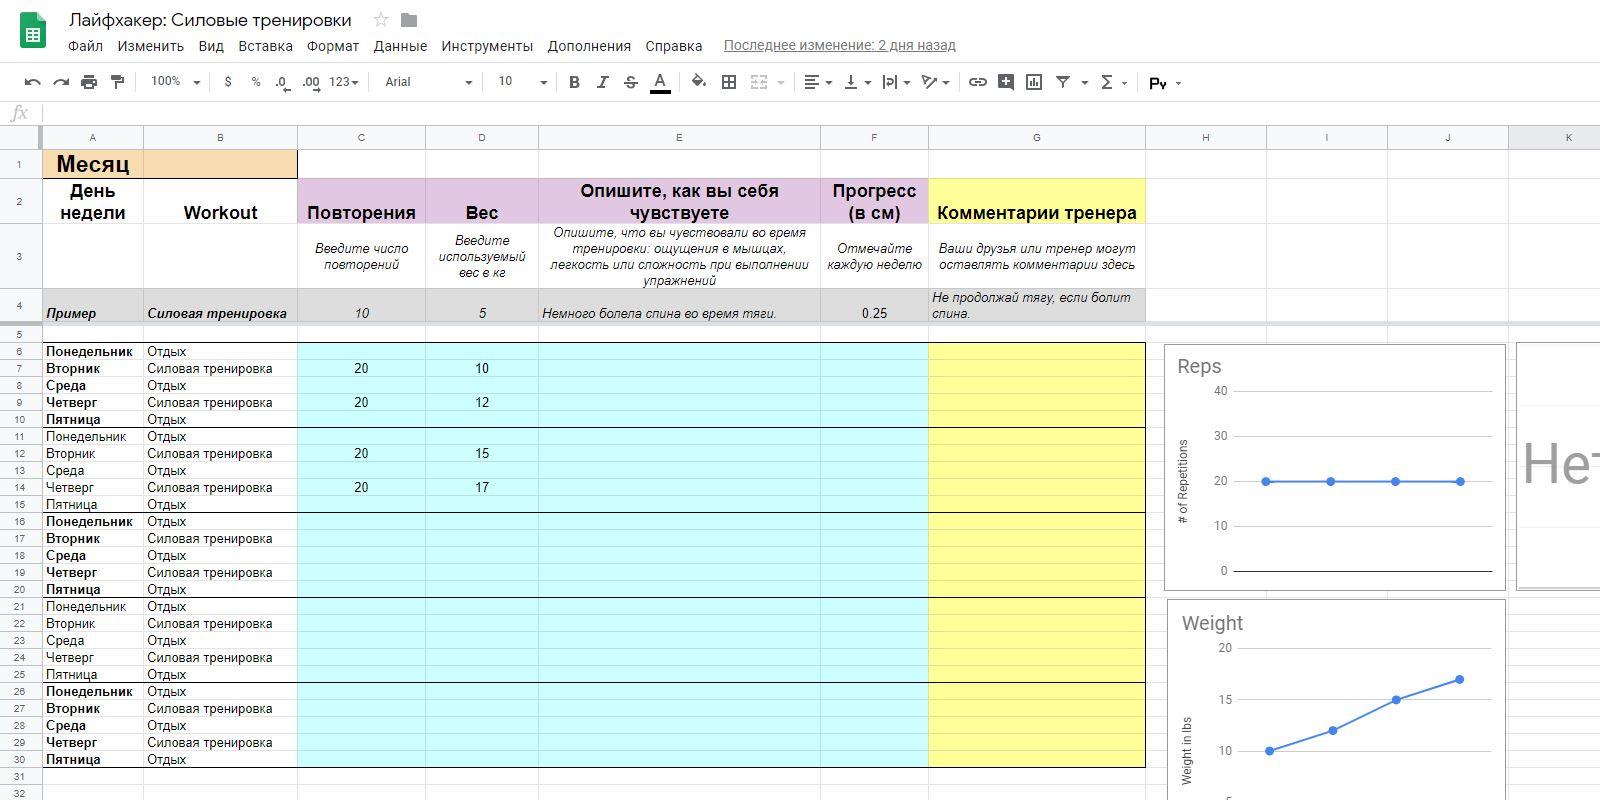 «Google Таблицы»: шаблон «Силовые тренировки»